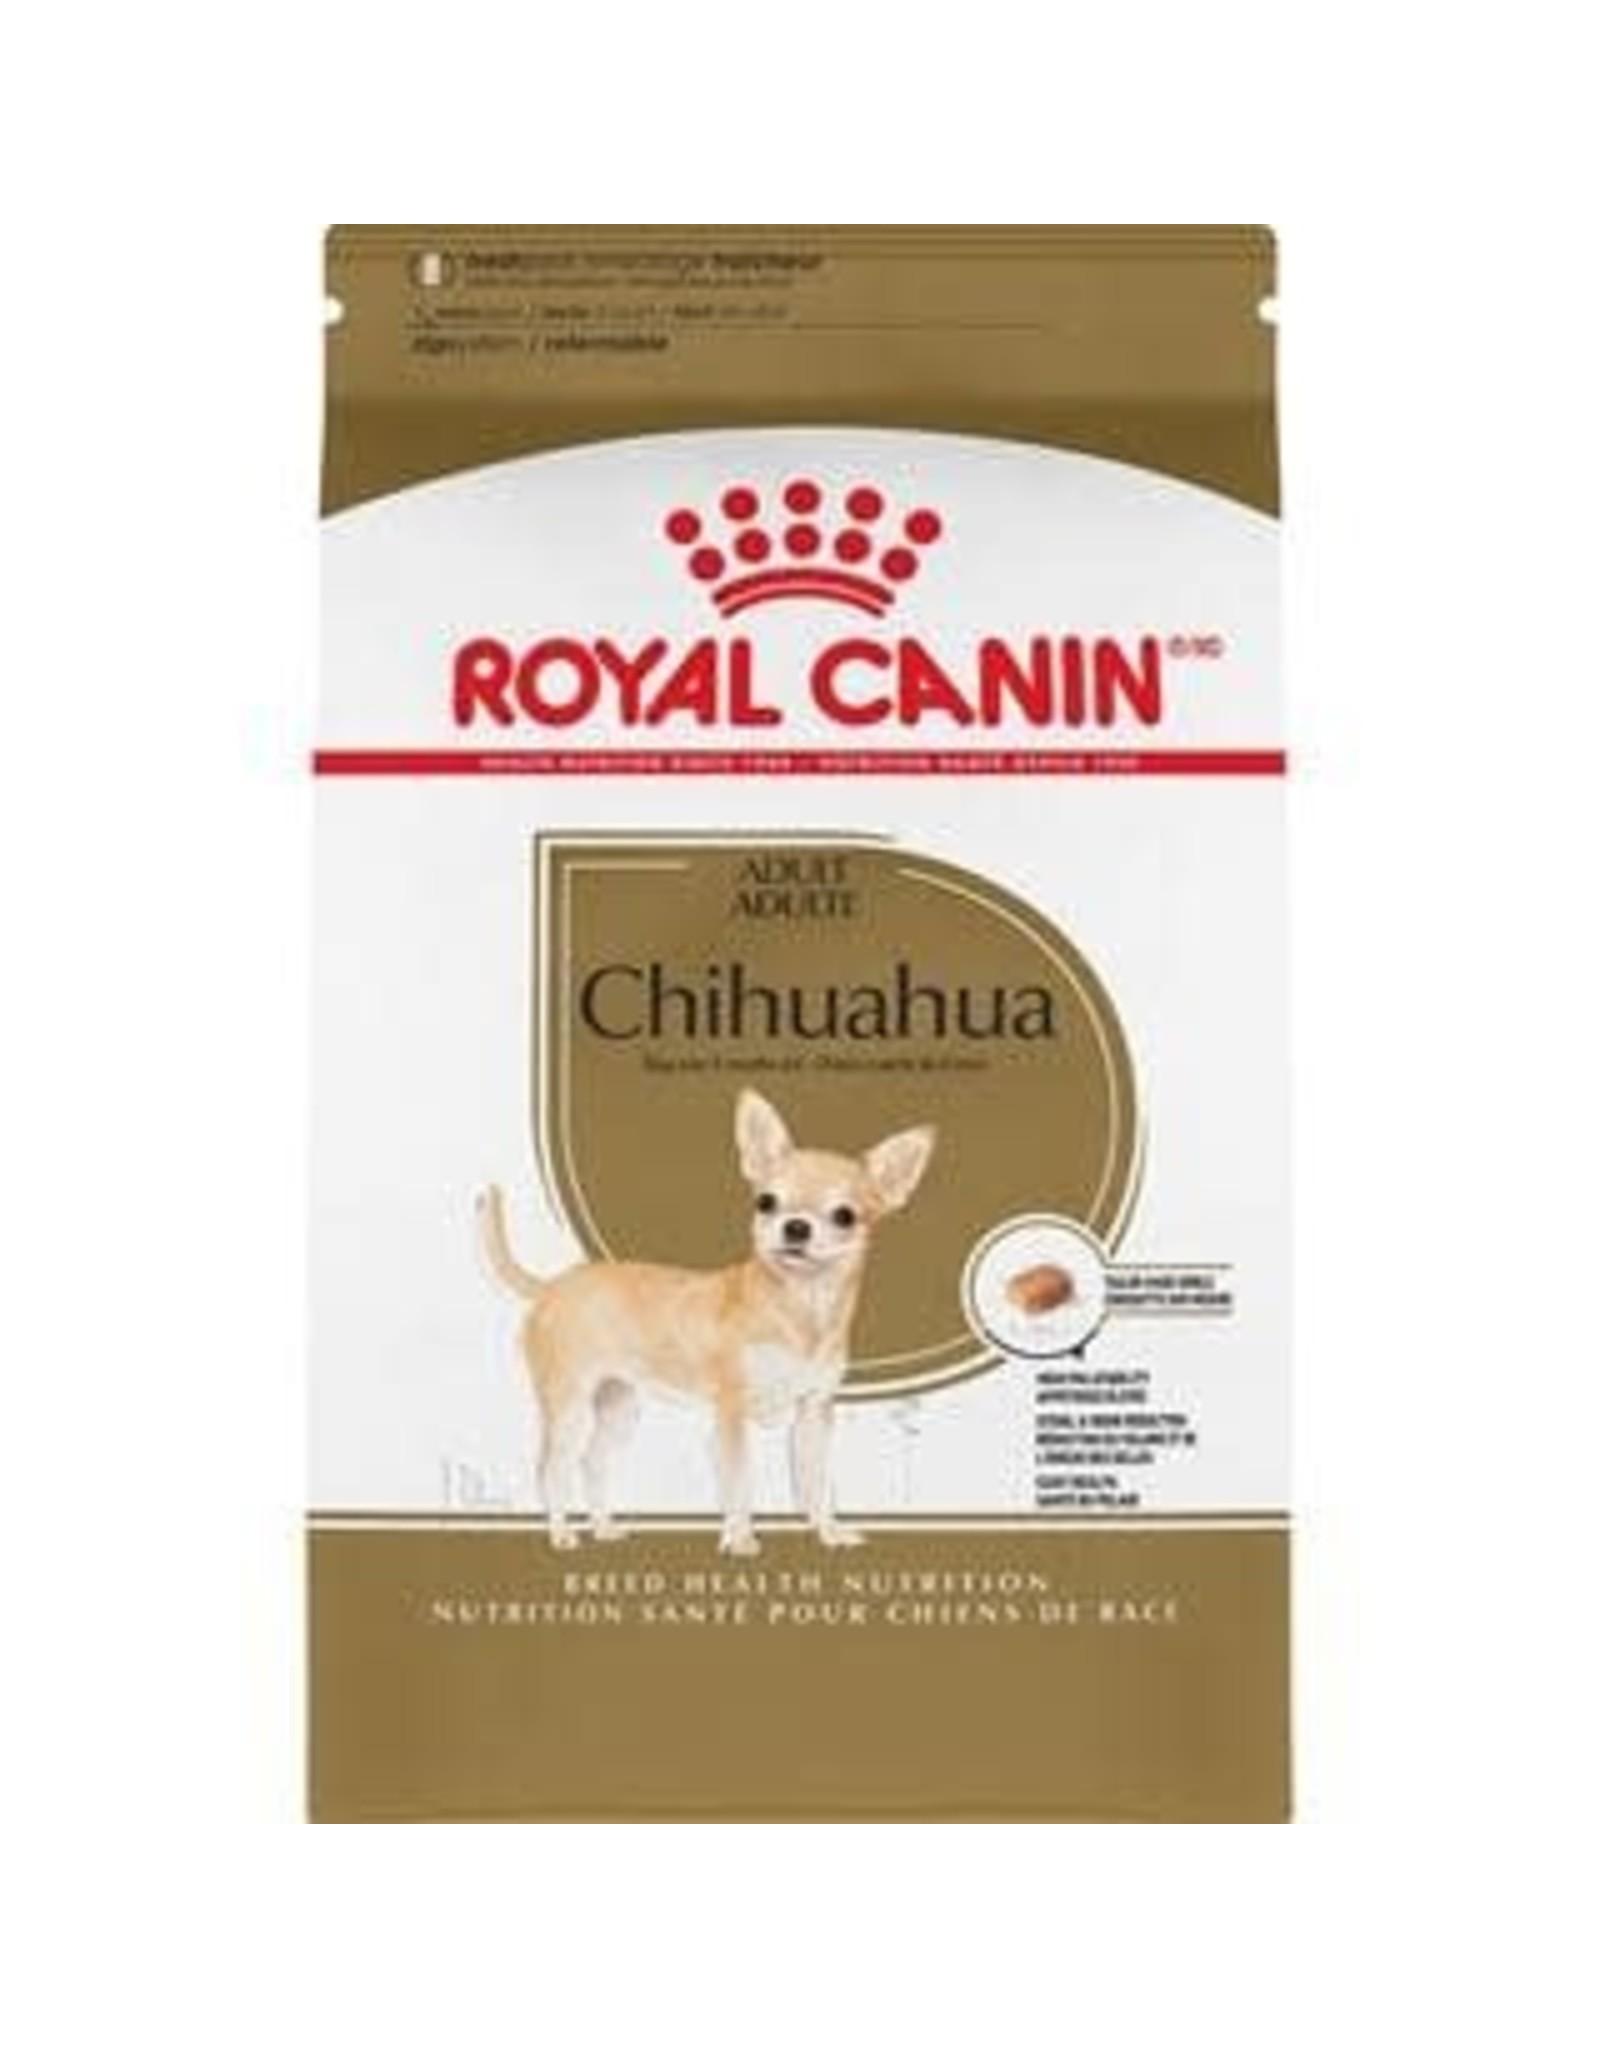 Royal Canin Royal Canin Dog - Chihuahua